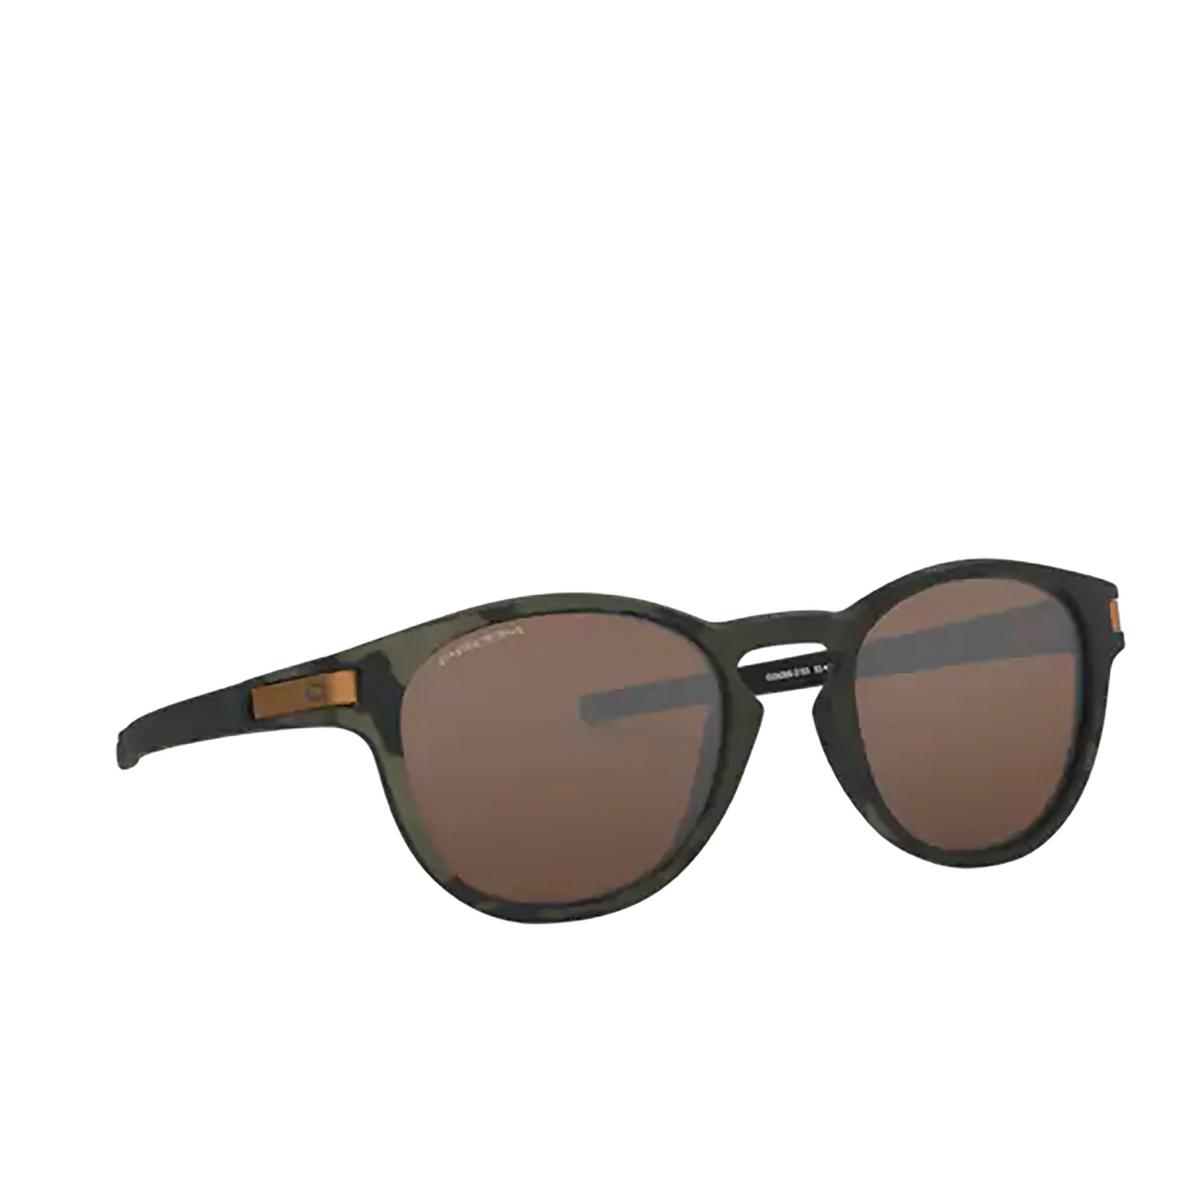 Oakley® Round Sunglasses: Latch OO9265 color Matte Olive Camo 926531 - 2/3.